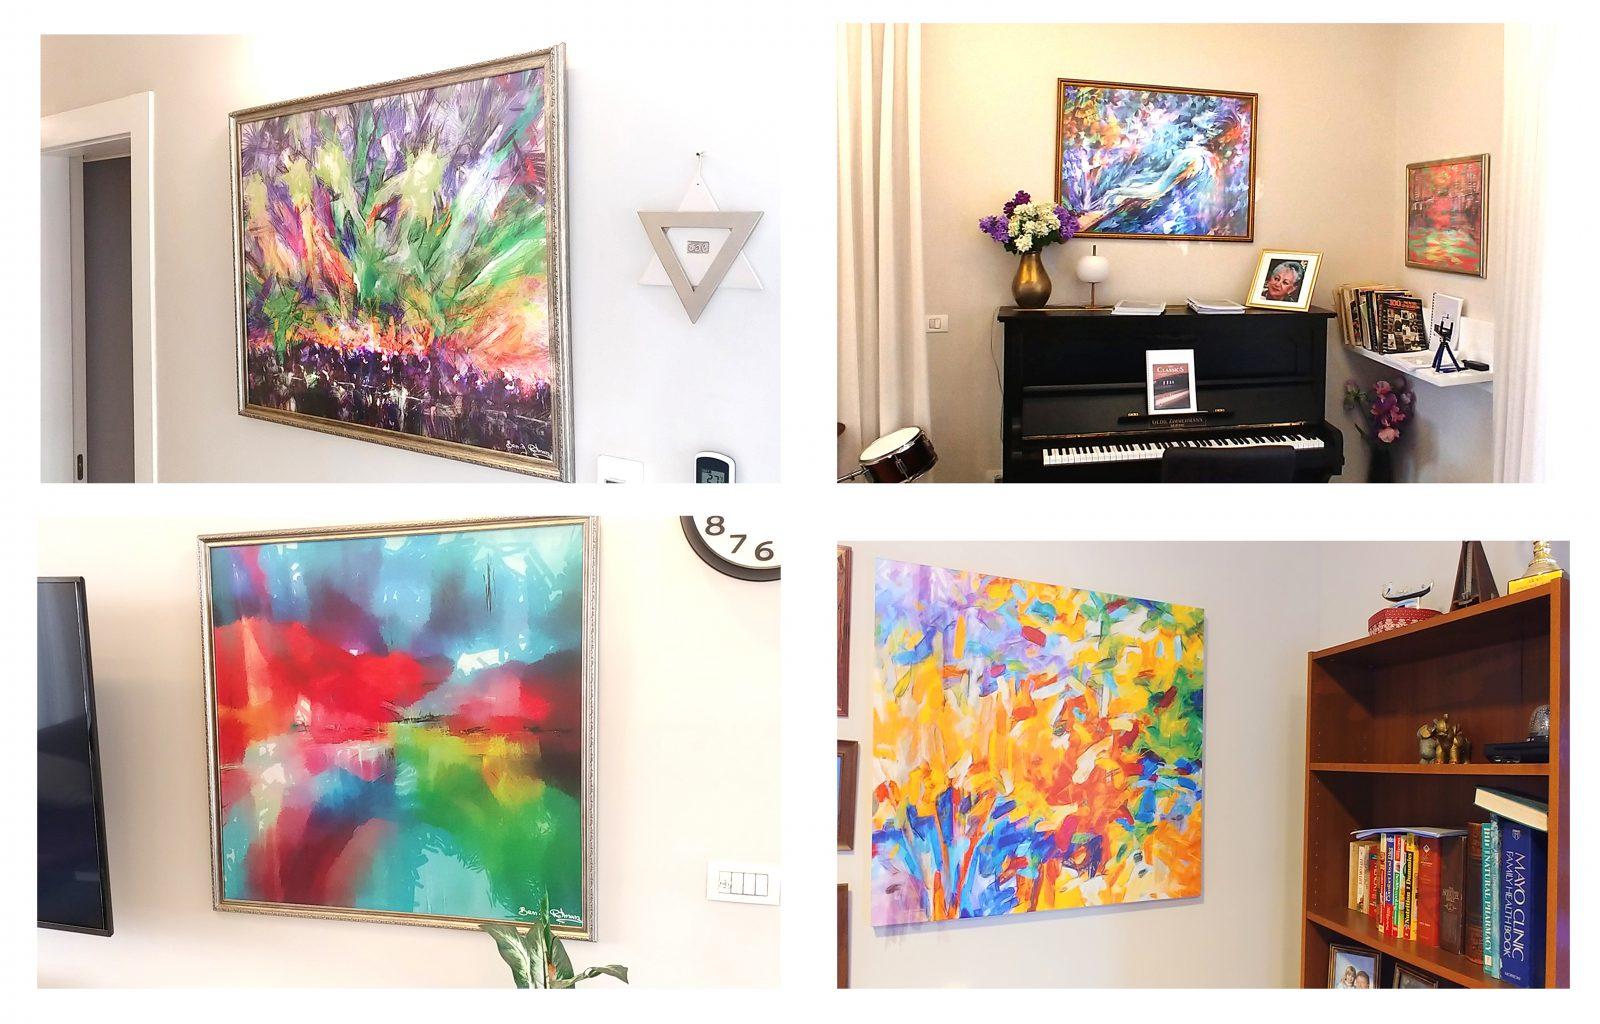 כל הבית עם ציורים של בן רוטמן